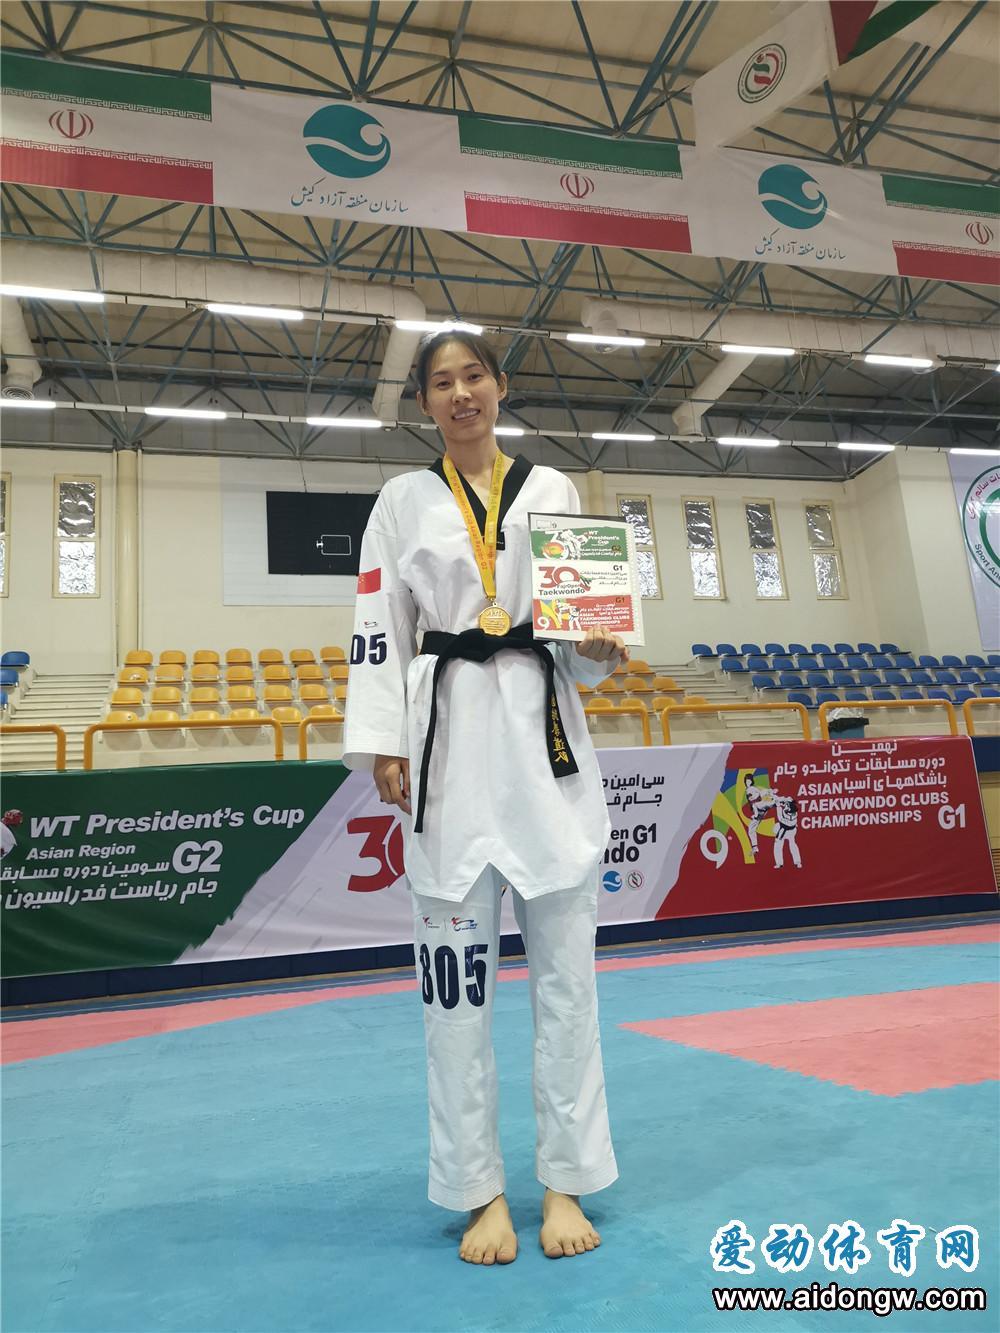 海南运动员高盼将出征东京奥运会跆拳道混合团体表演赛